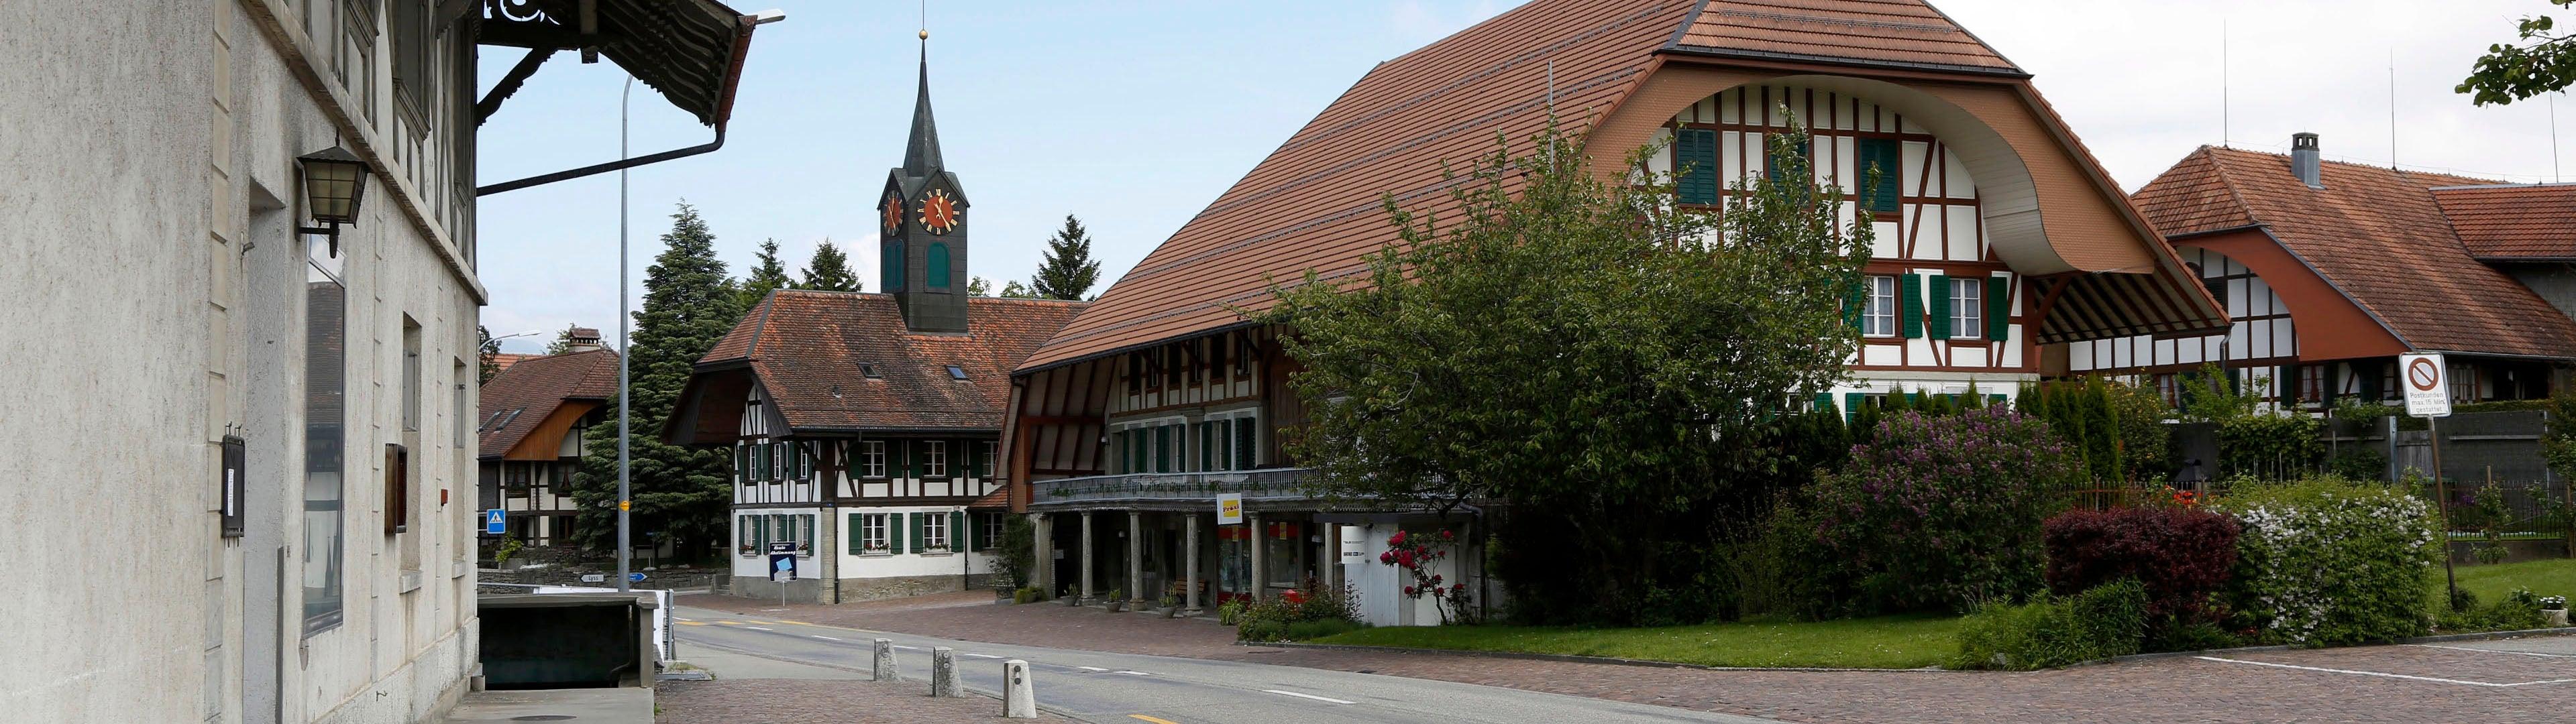 Schnottwil